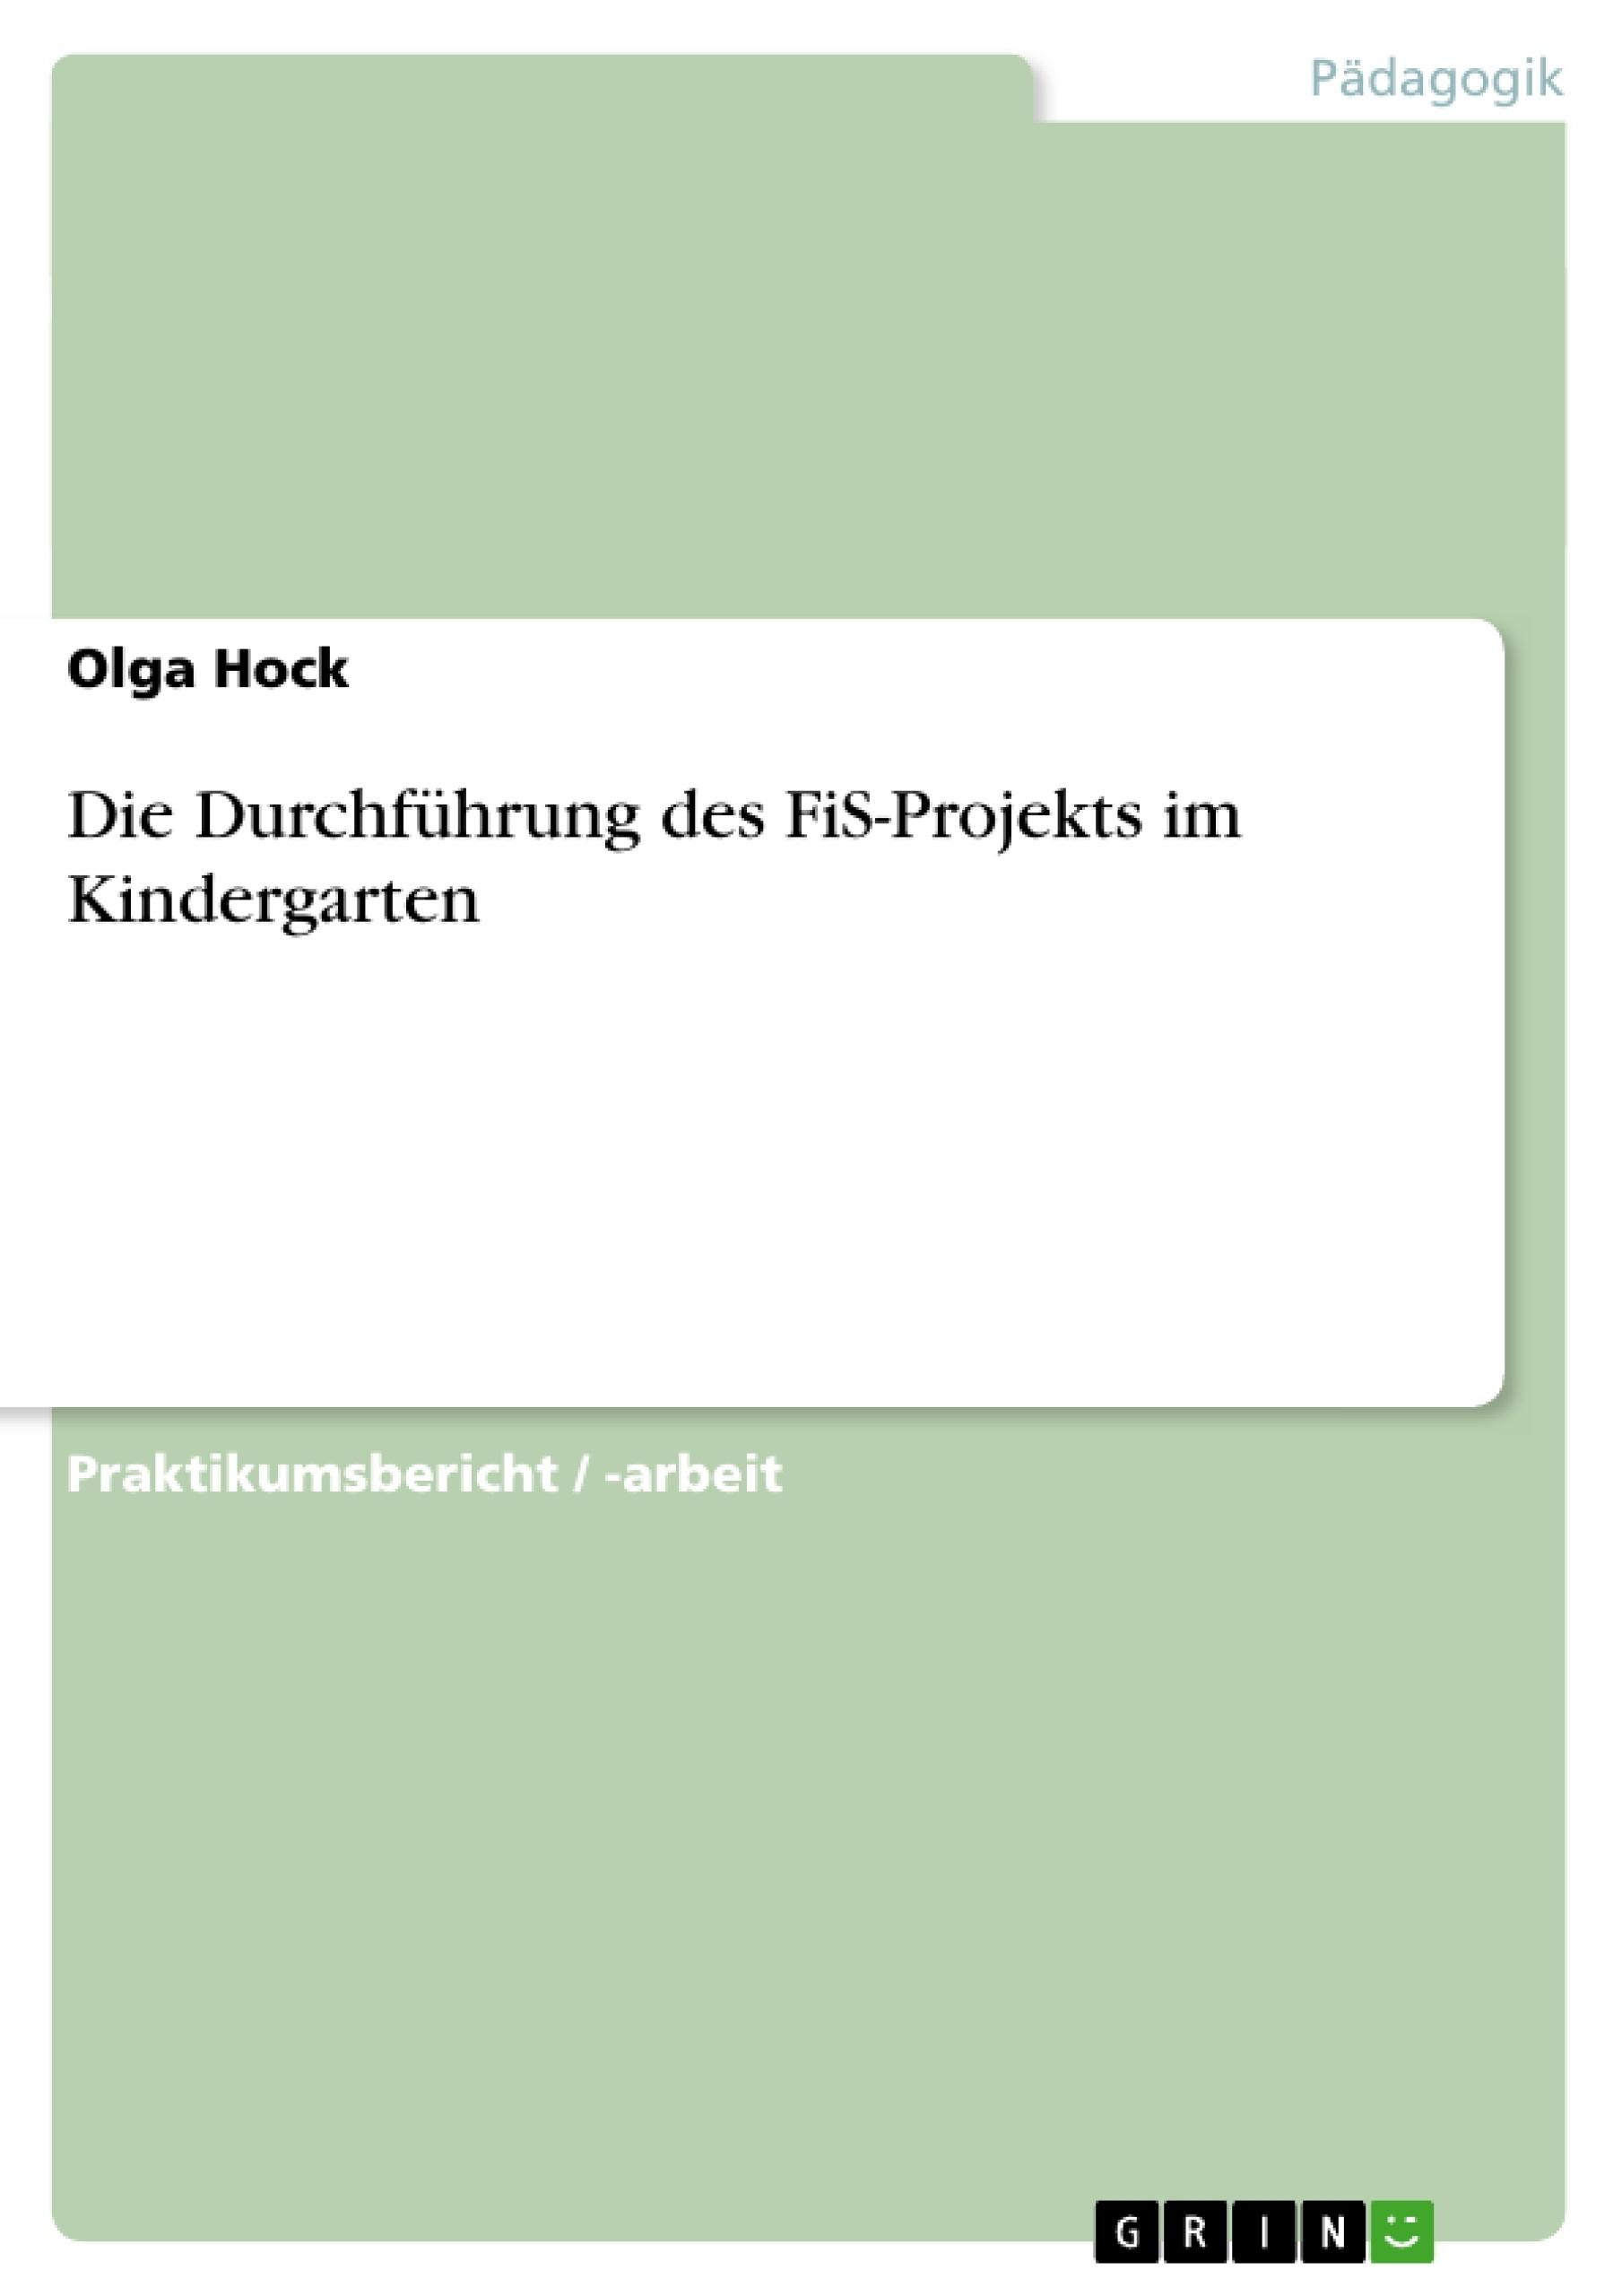 Titel: Die Durchführung des FiS-Projekts im Kindergarten